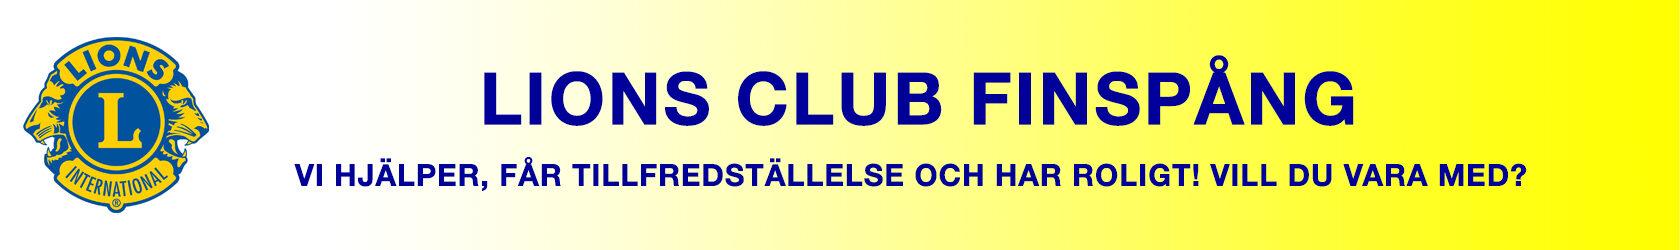 Lions Club Finspång